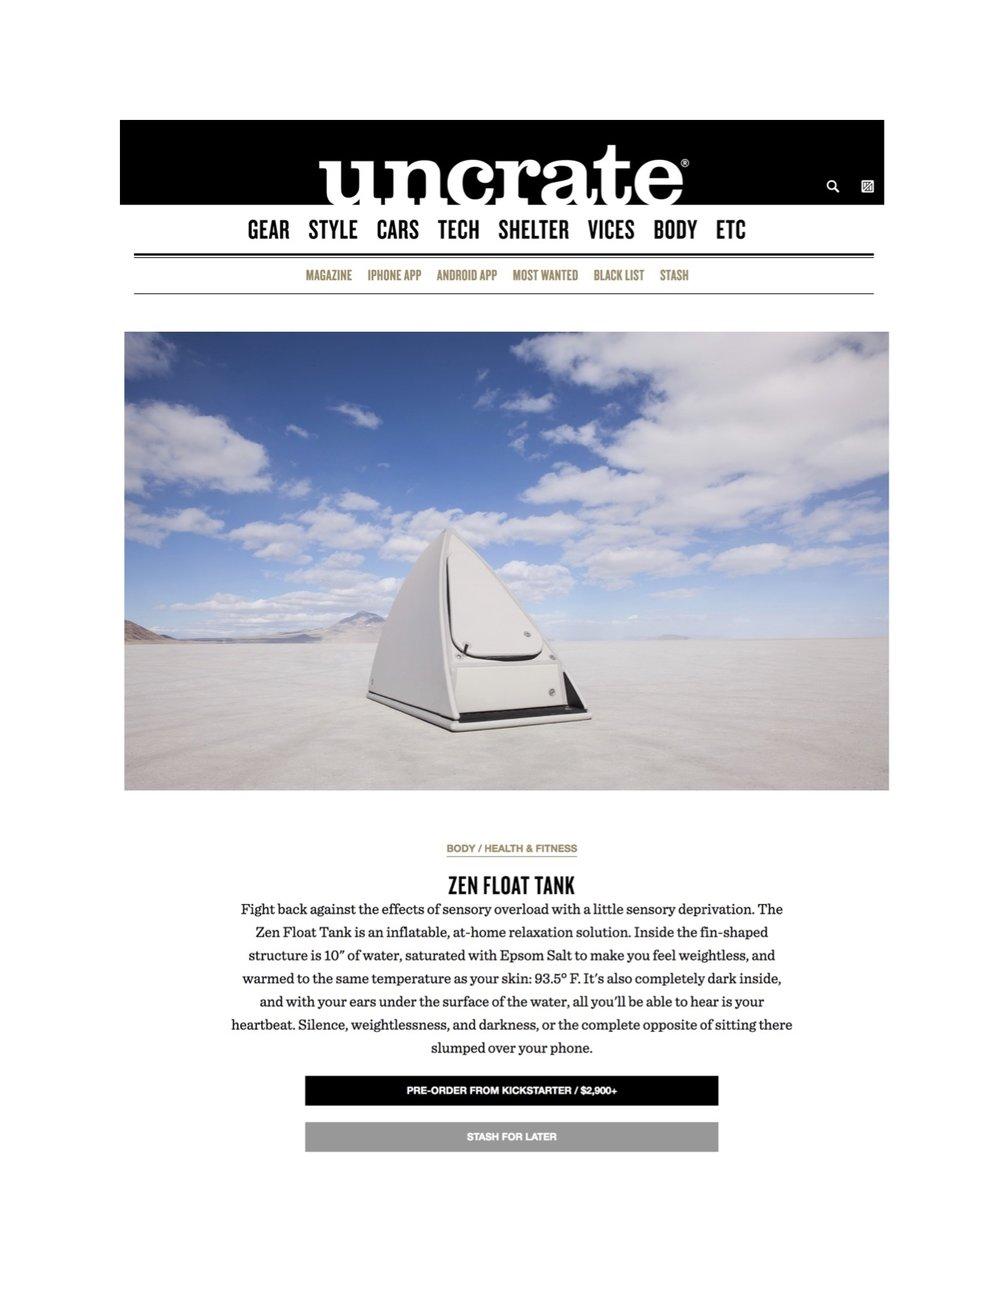 Zen Float Co, Uncrate